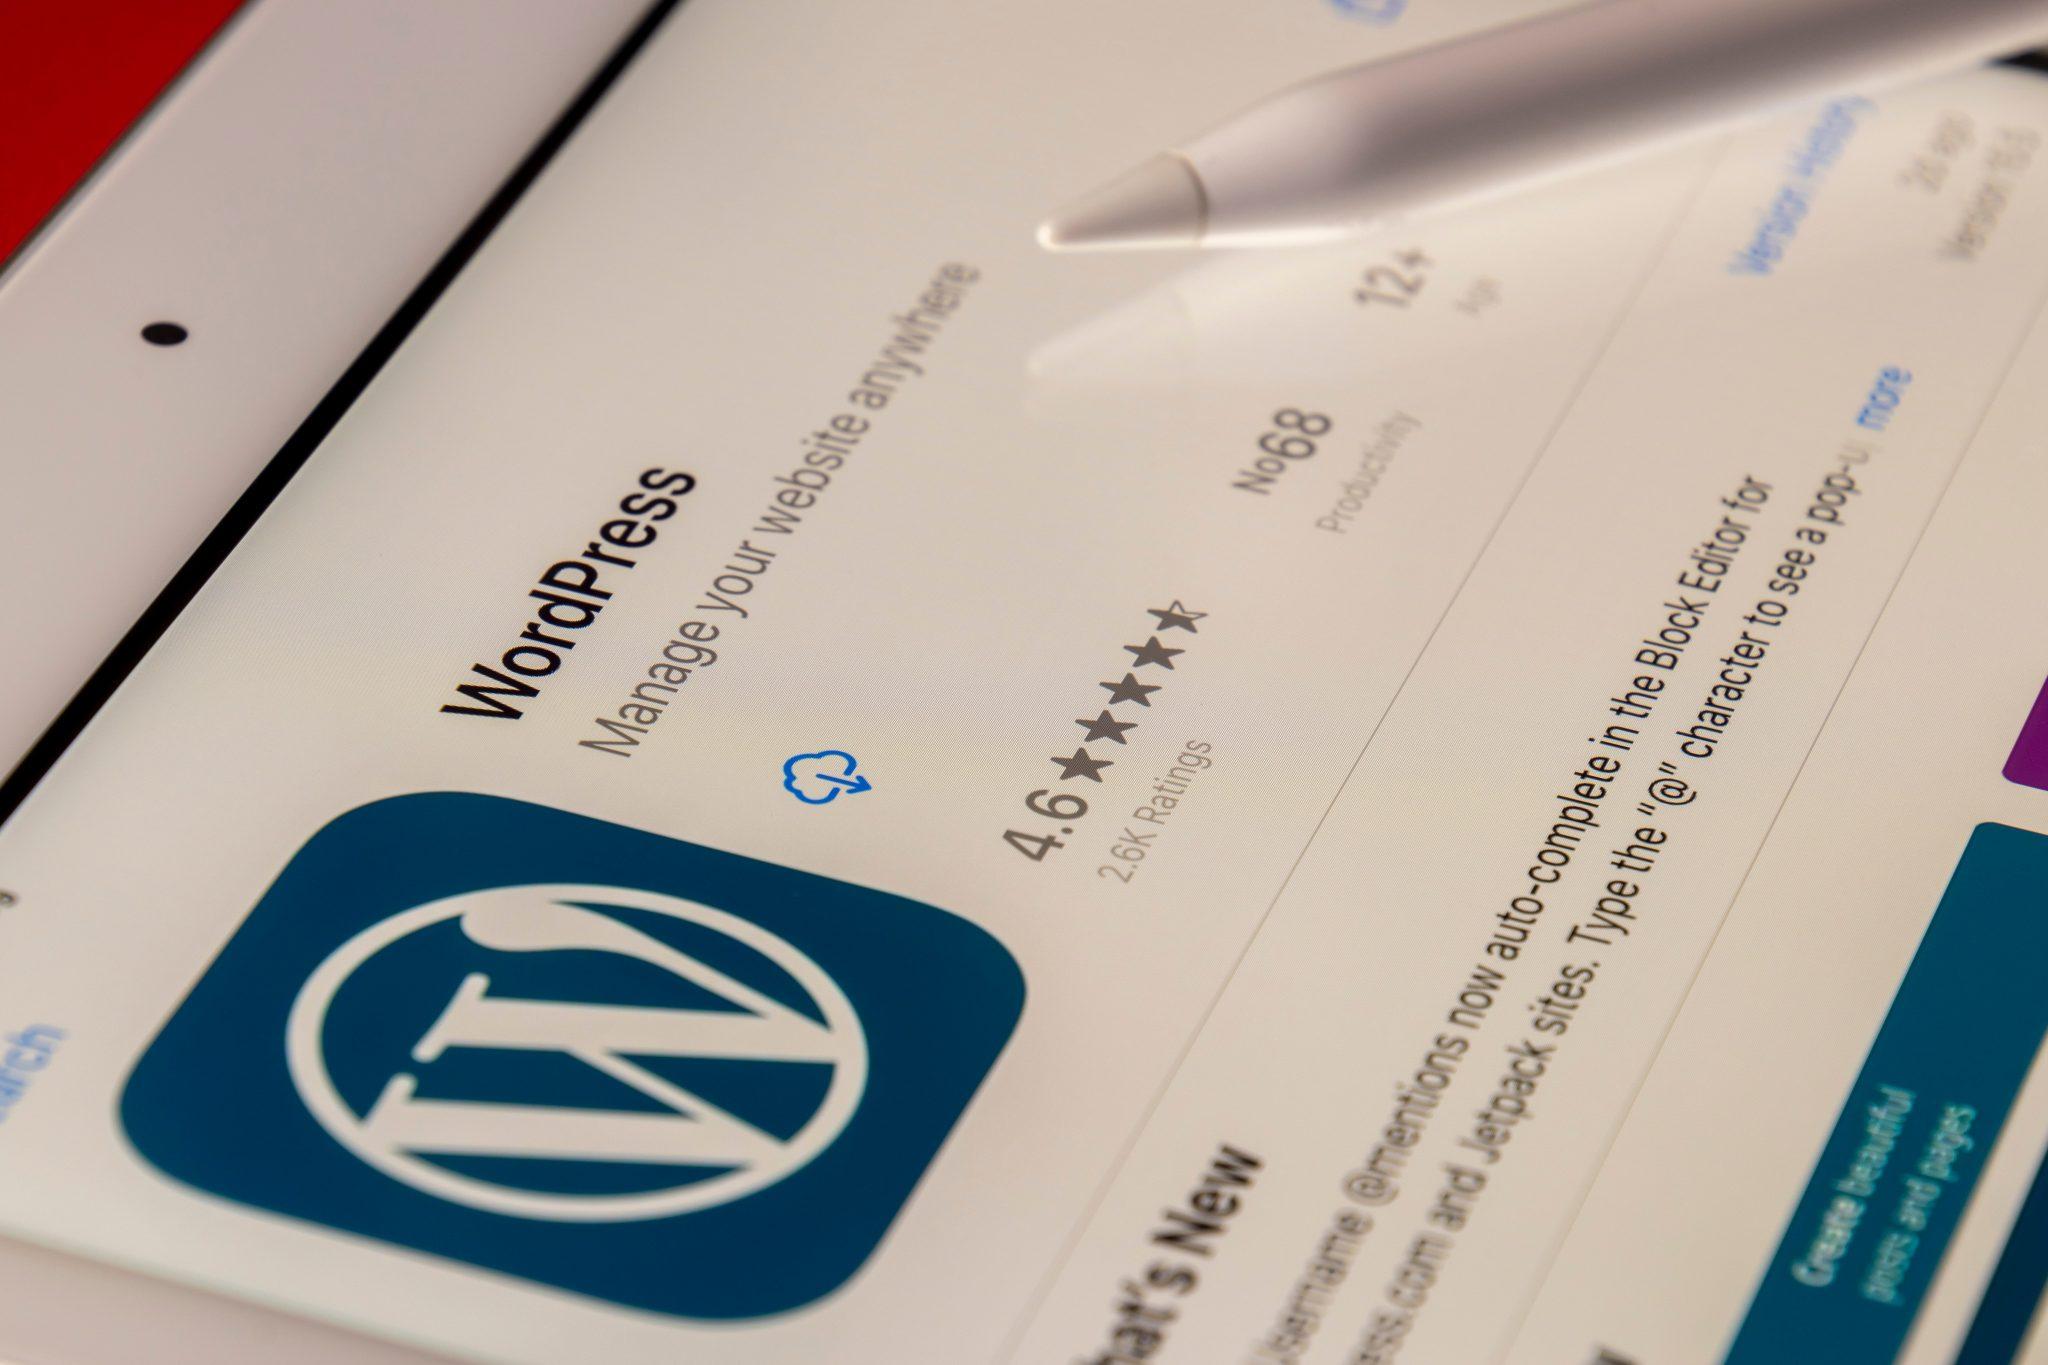 Los mejores constructores de páginas de wordpress